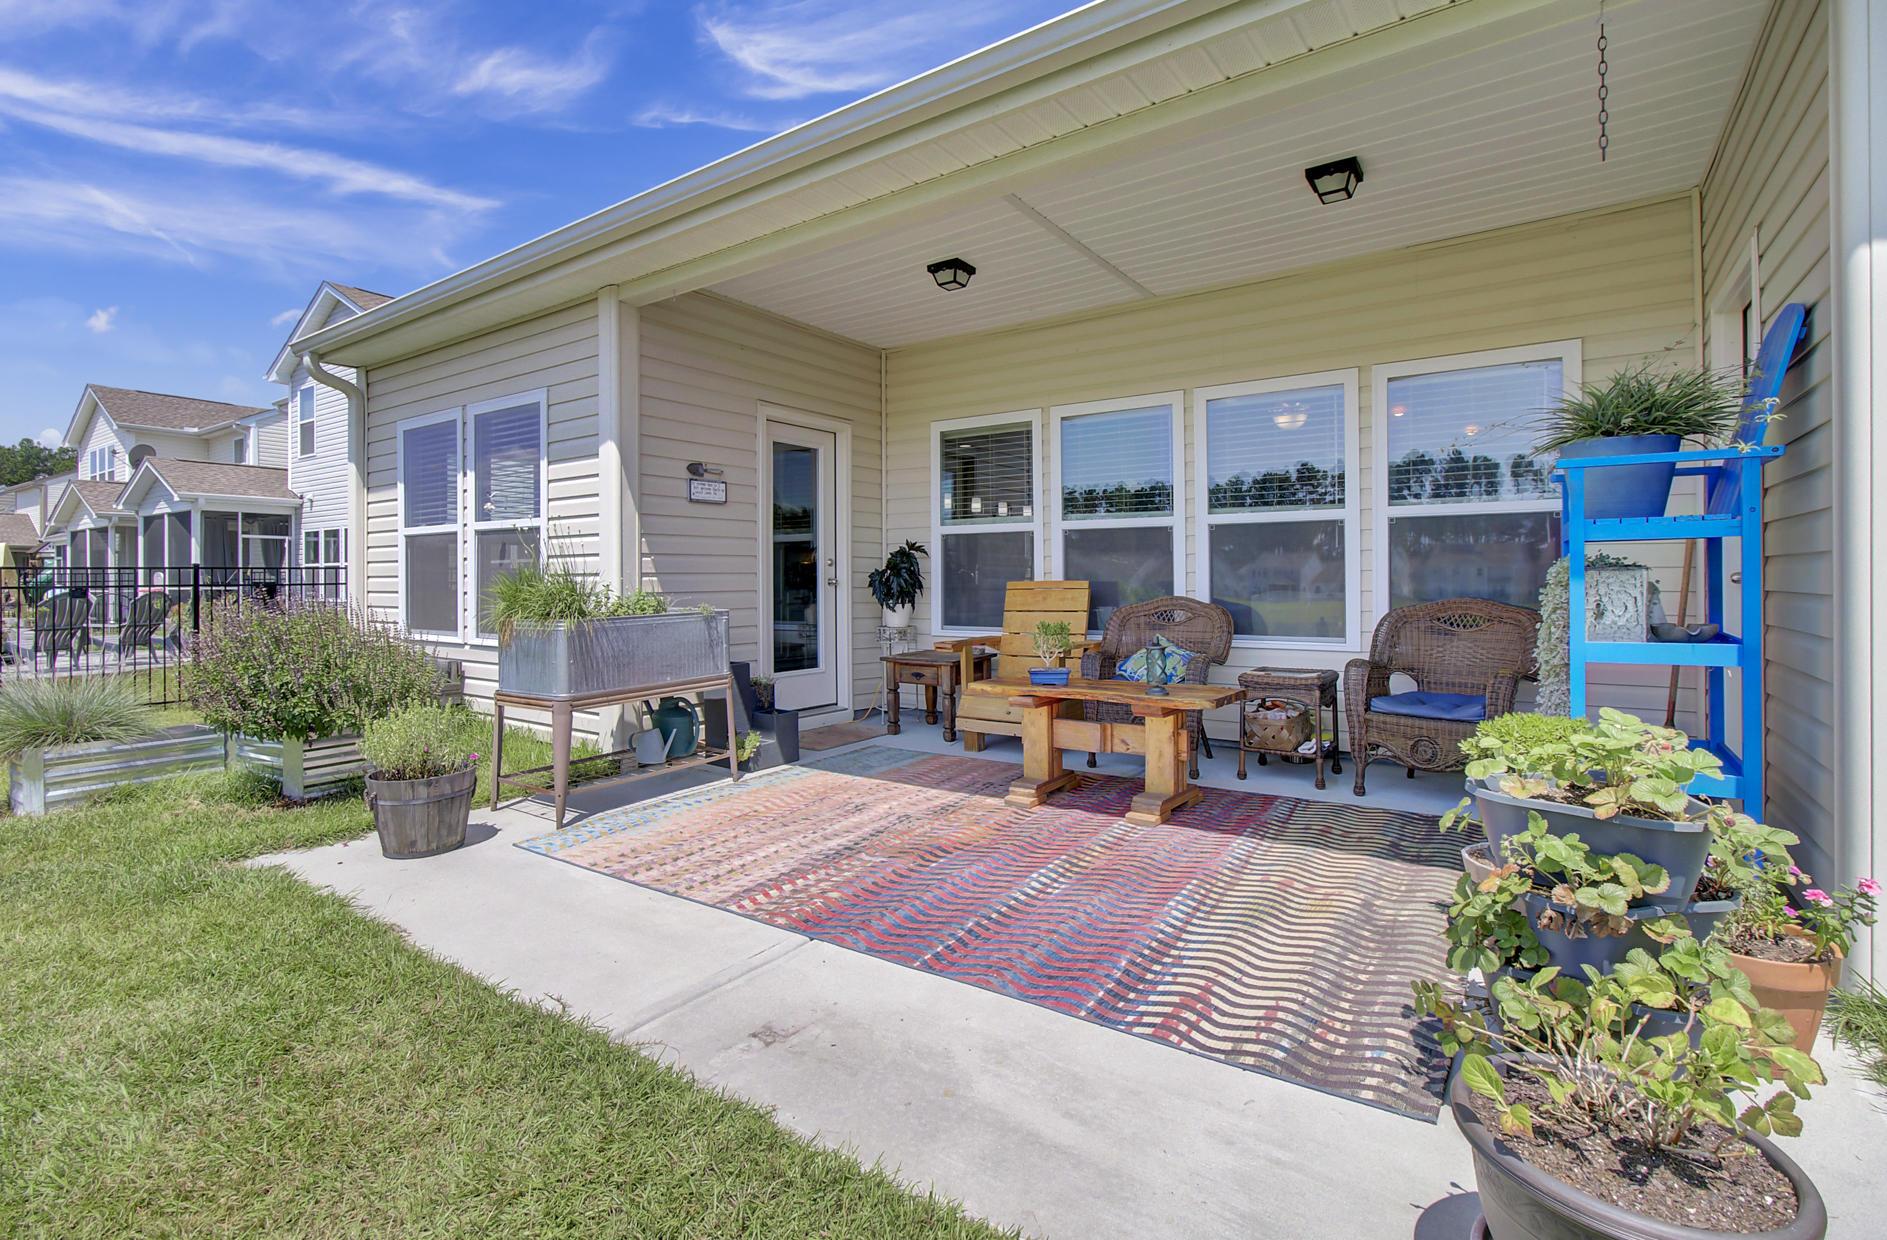 North Creek Village Homes For Sale - 384 Dunlin, Summerville, SC - 30